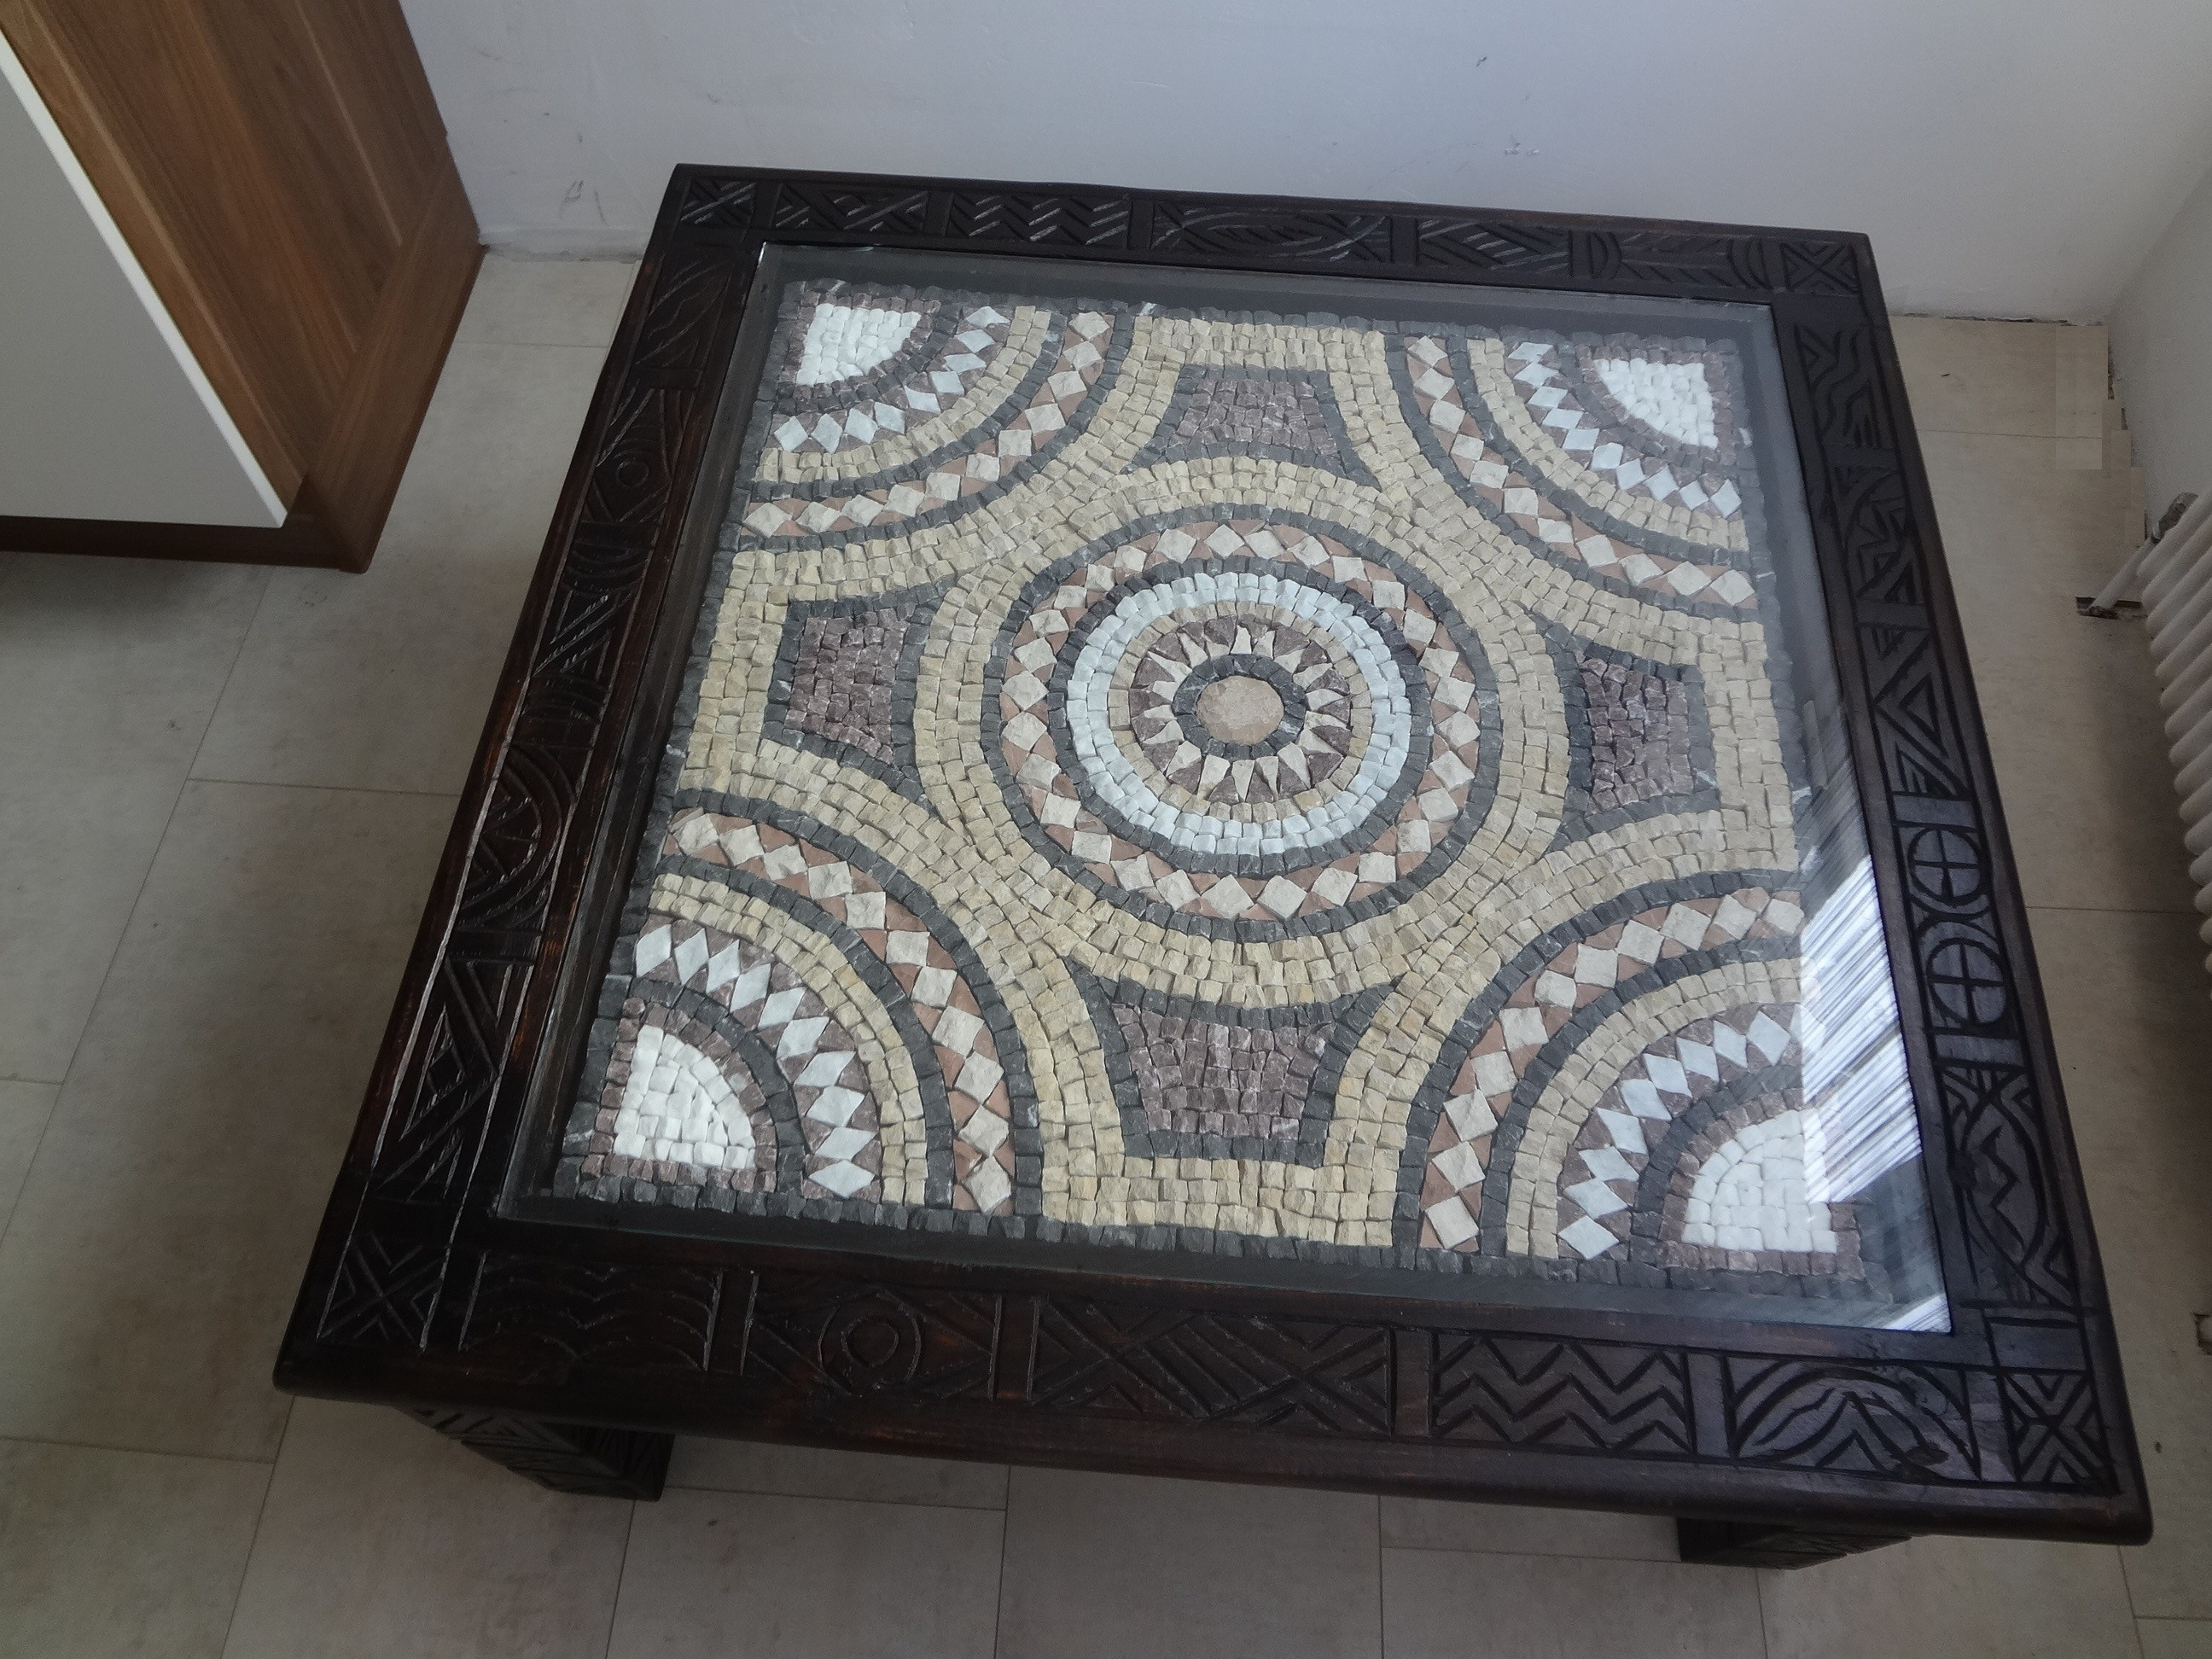 Couchtisch mit Mosaik